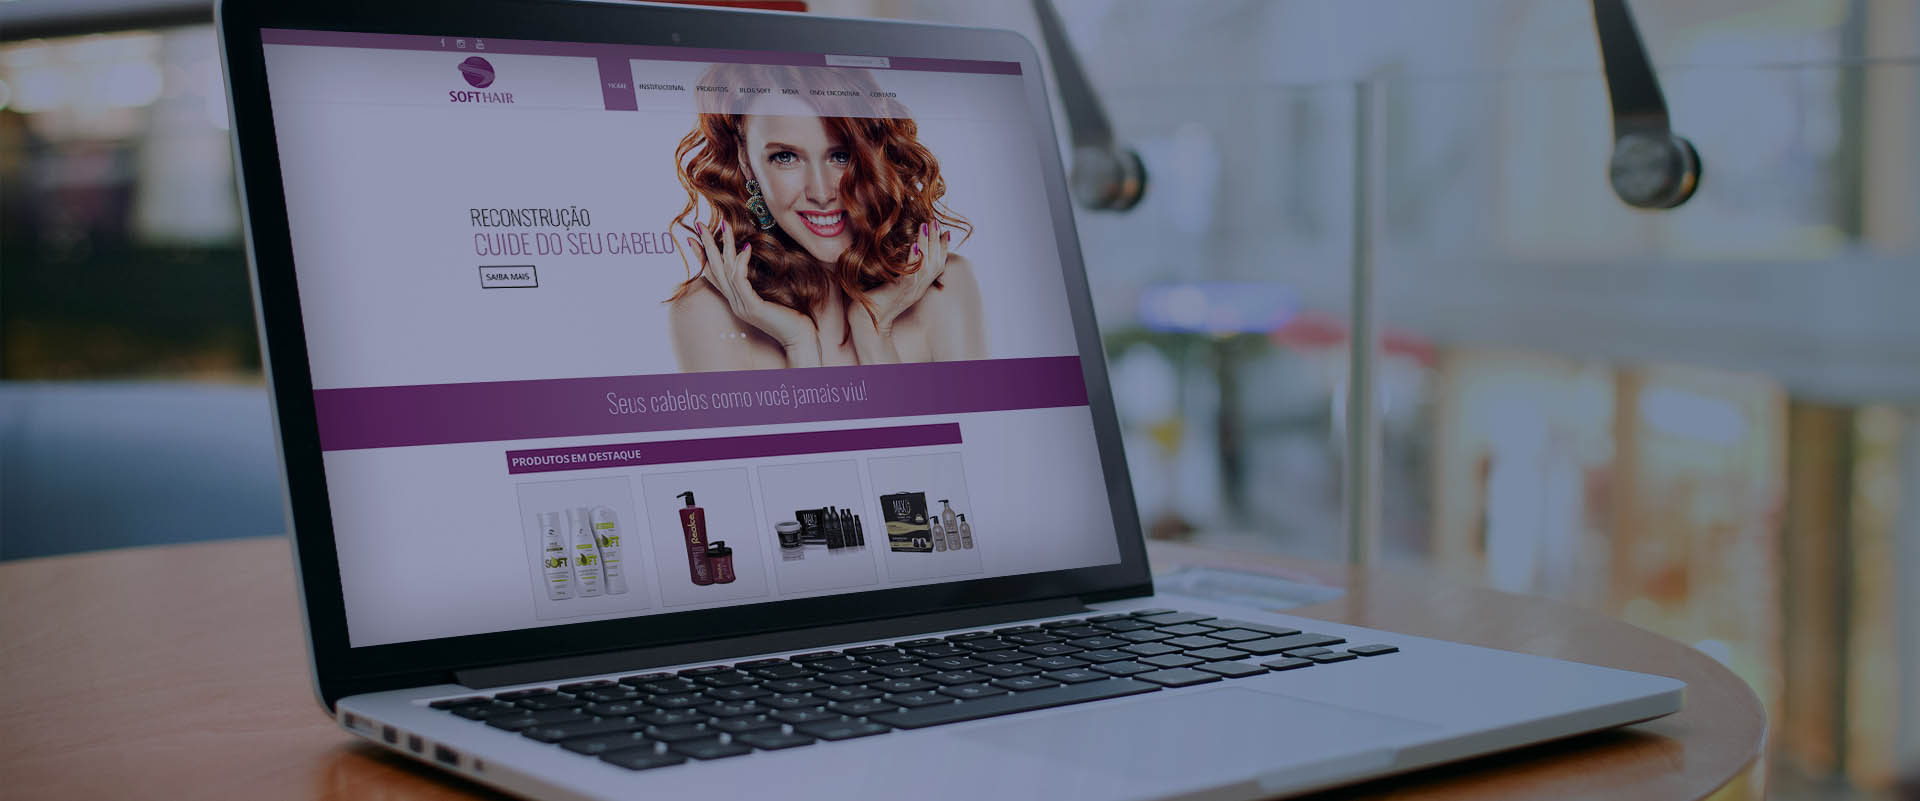 Criação de sites para indústrias de cosméticos